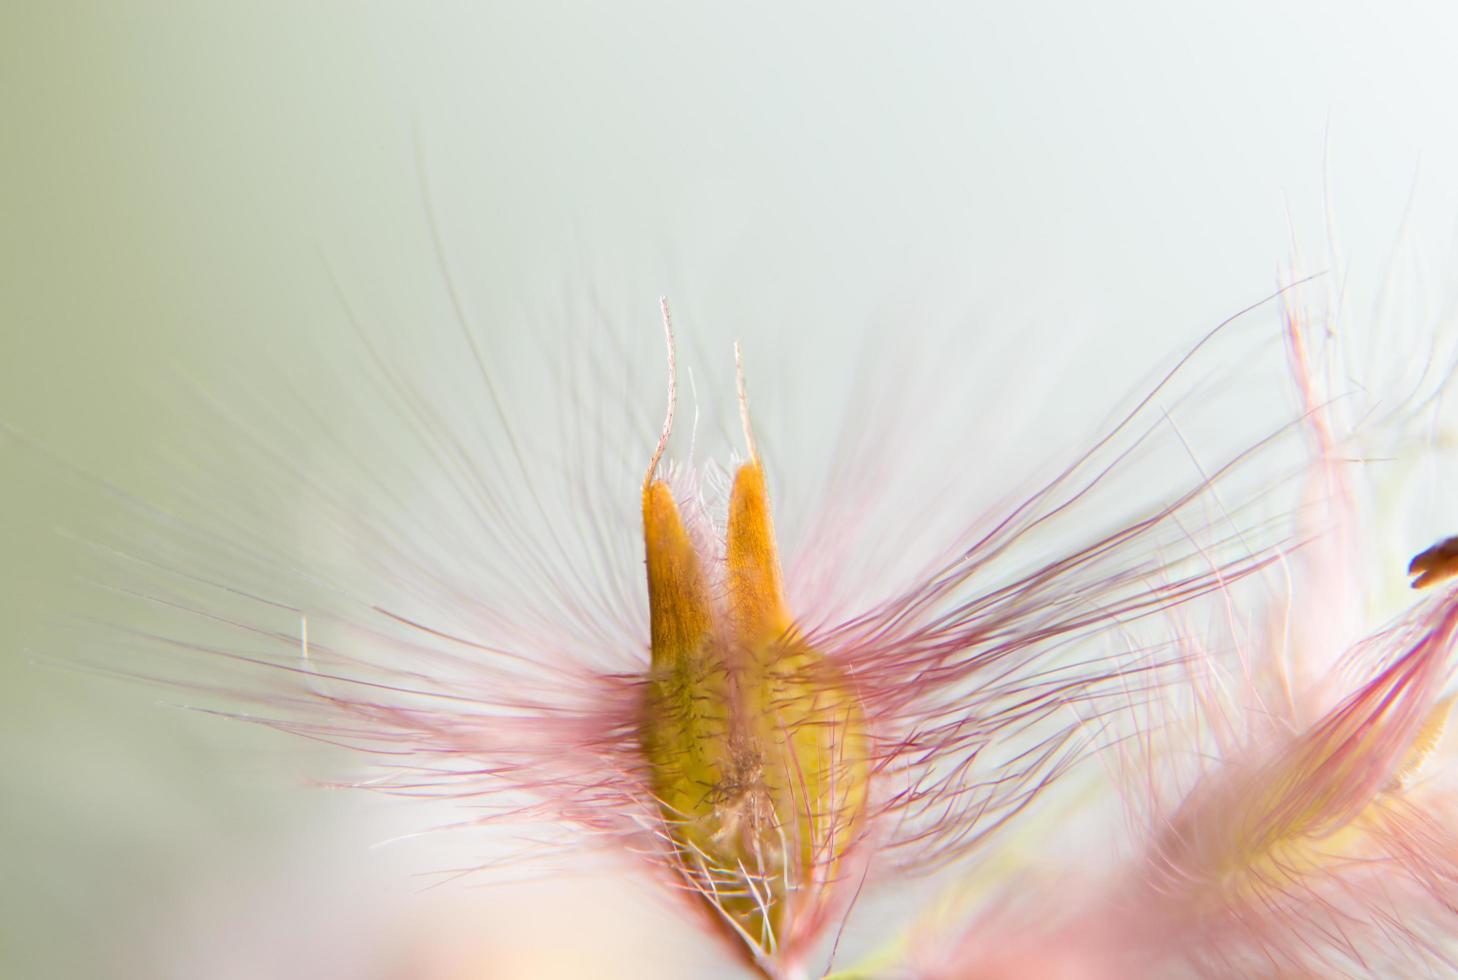 vilda blommor, suddig bakgrund foto